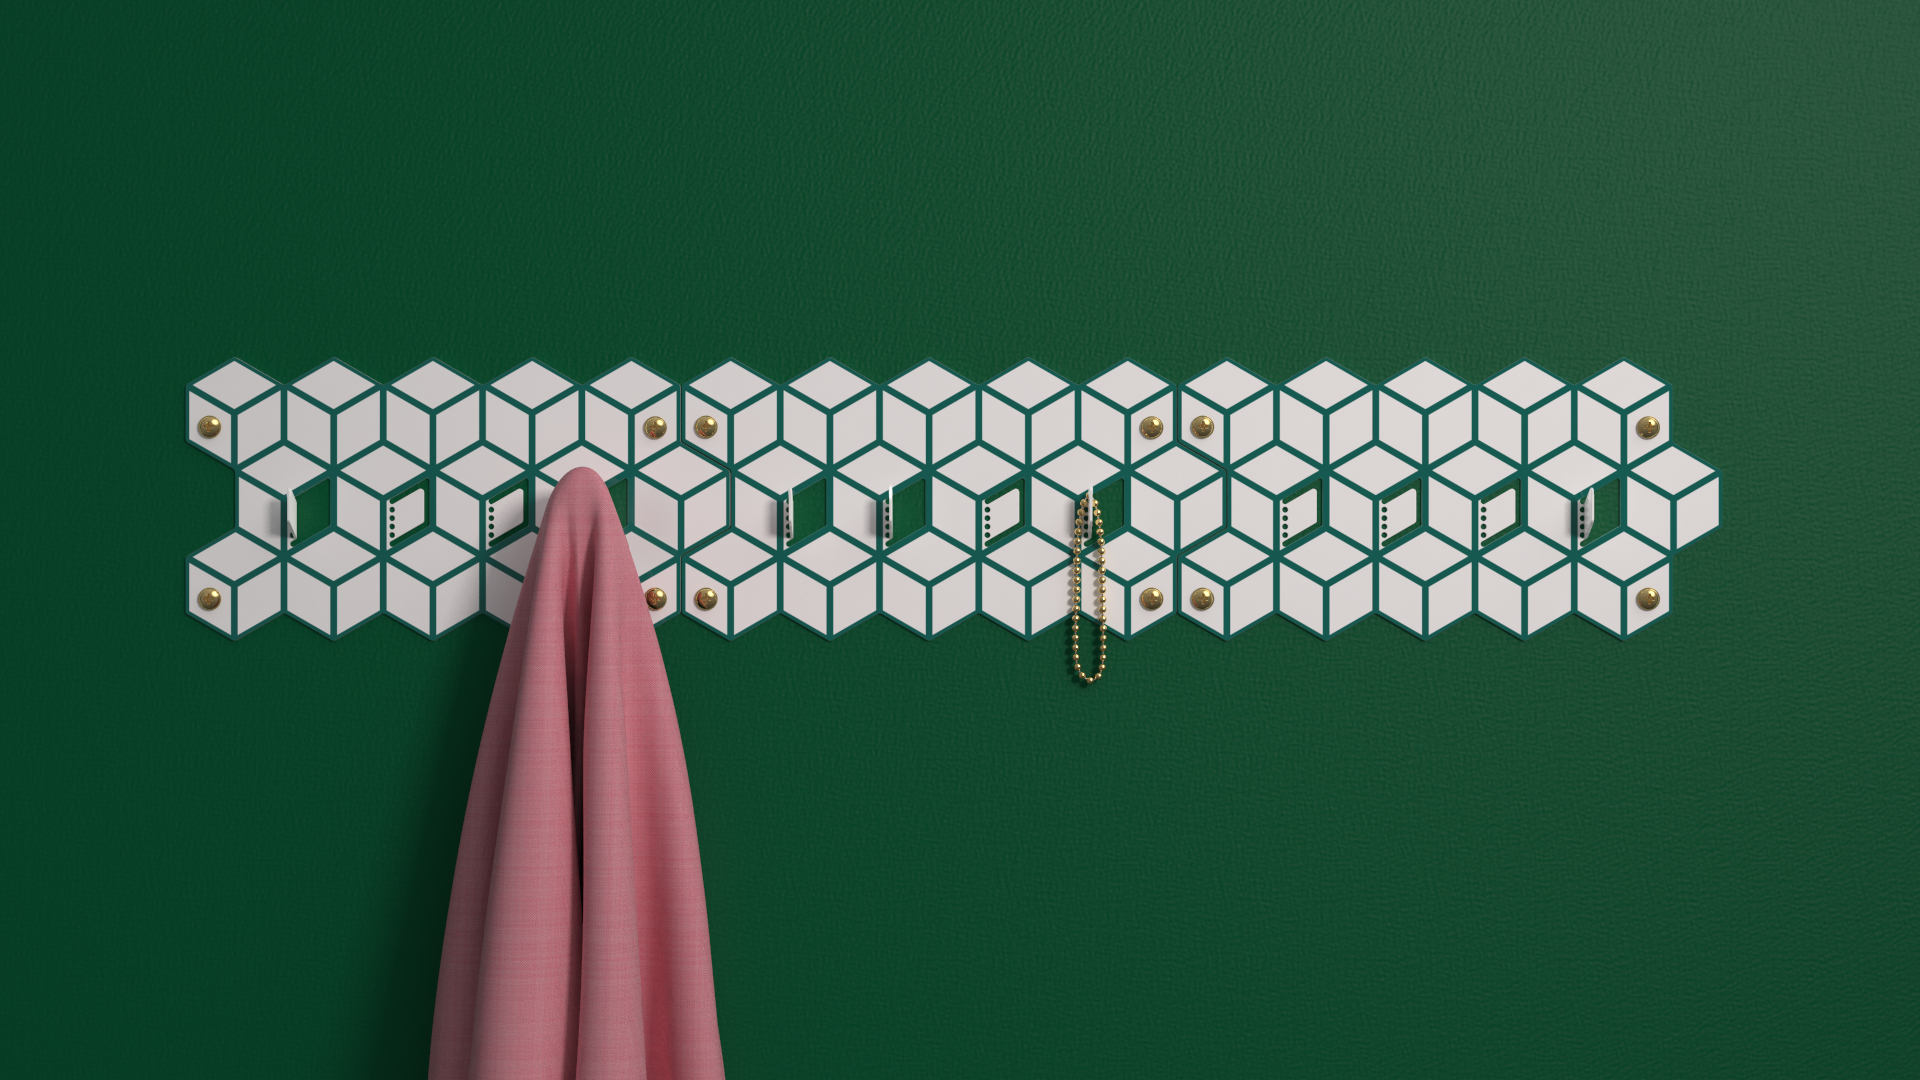 Wally wall system